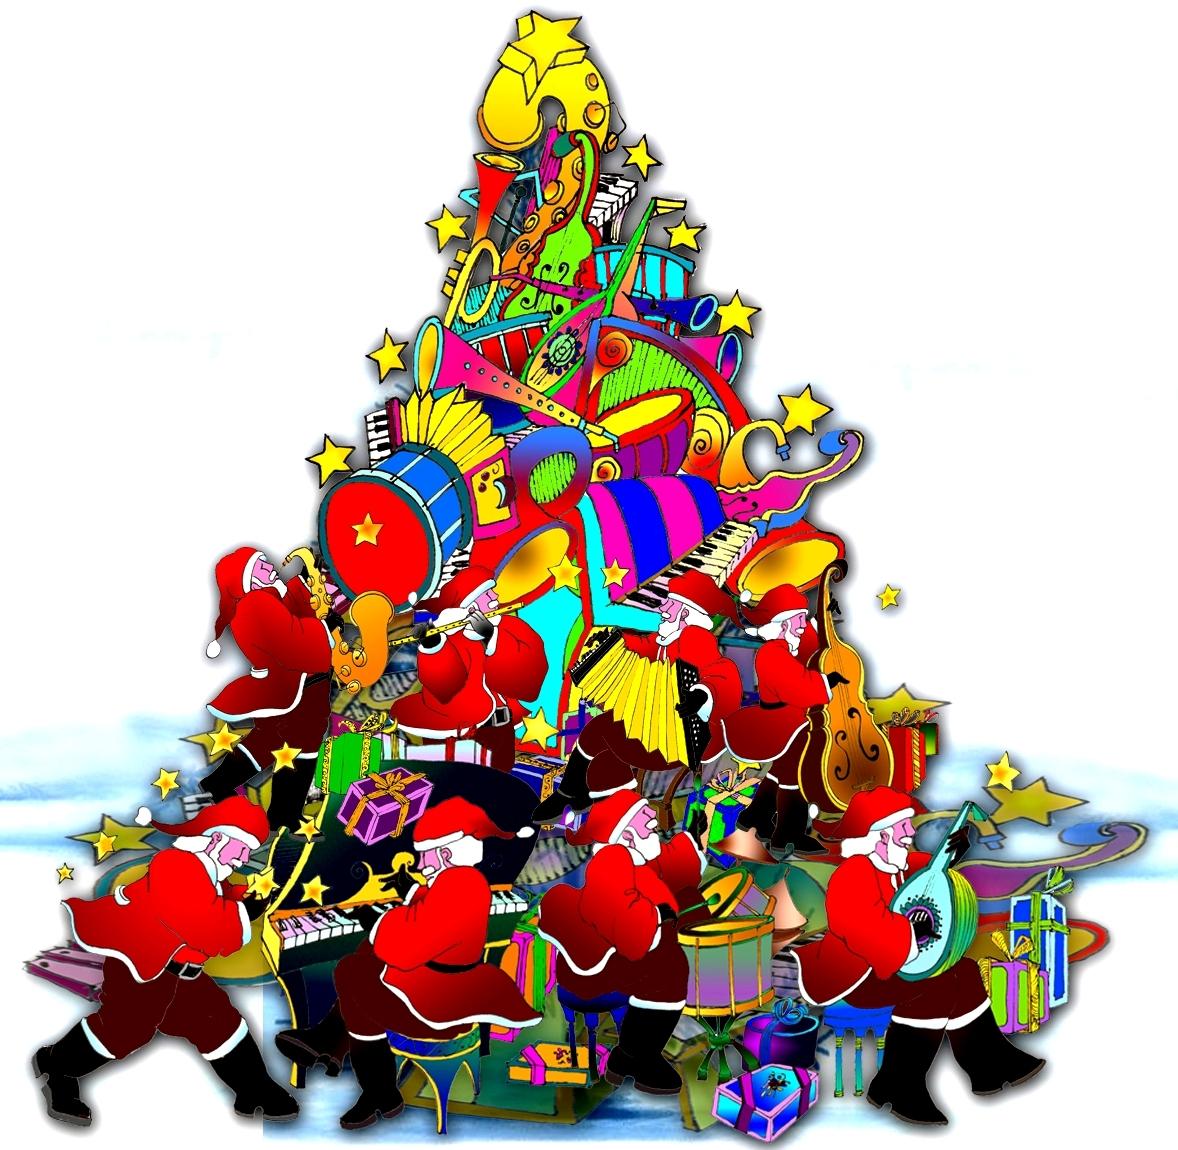 Auguri Di Buon Natale E Felice Anno Nuovo Canzone.Babbo Natale Archivi Pescini Com